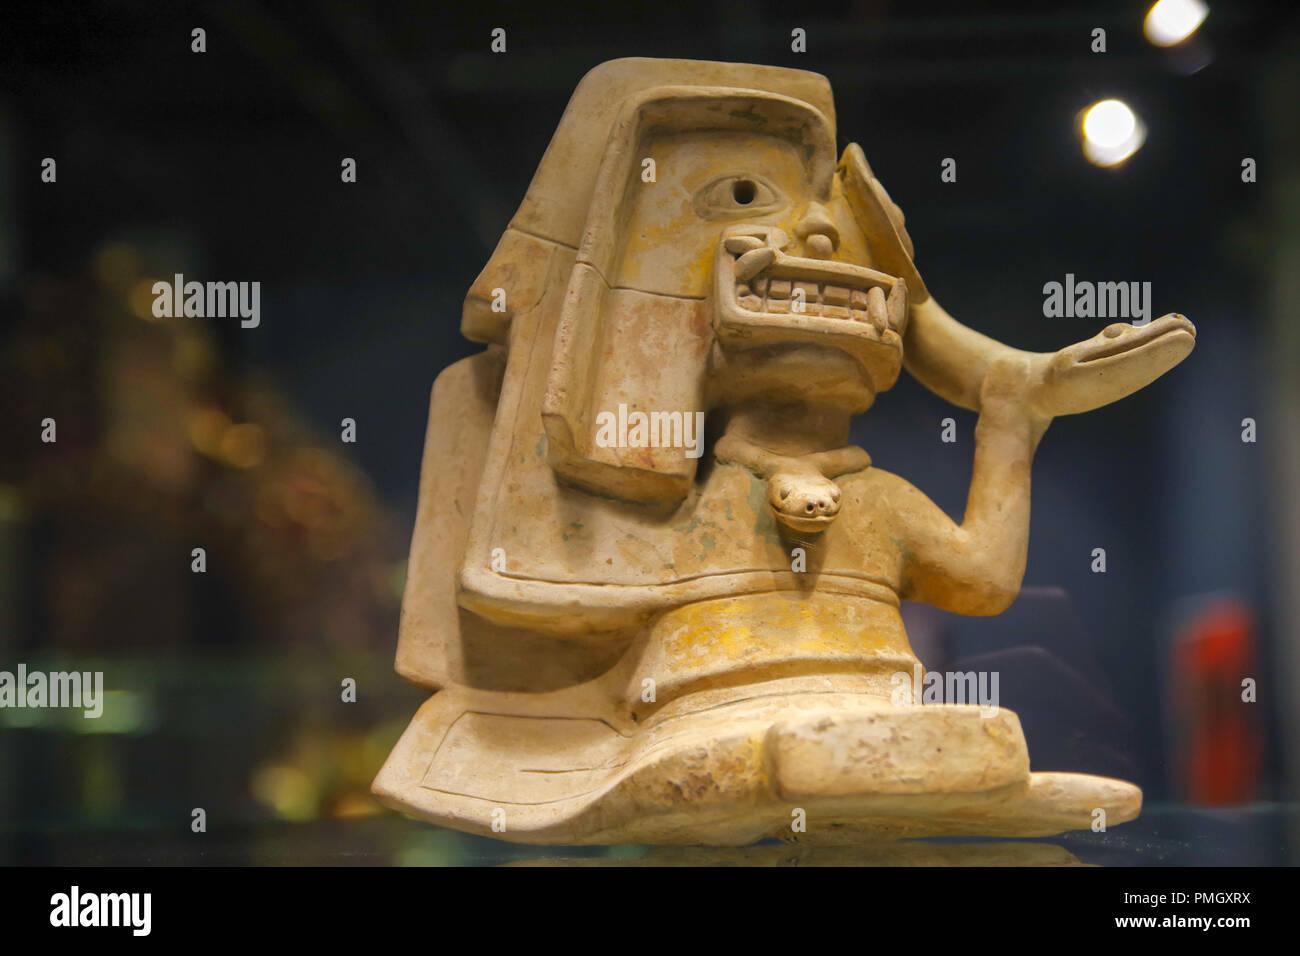 QUITO, ECUADOR - Agosto 17, 2018: vista interior ancienct cerámica hechas a mano por los Incas en el Ágora museo ubicado en la Casa de la Cultura en Quito. Imagen De Stock